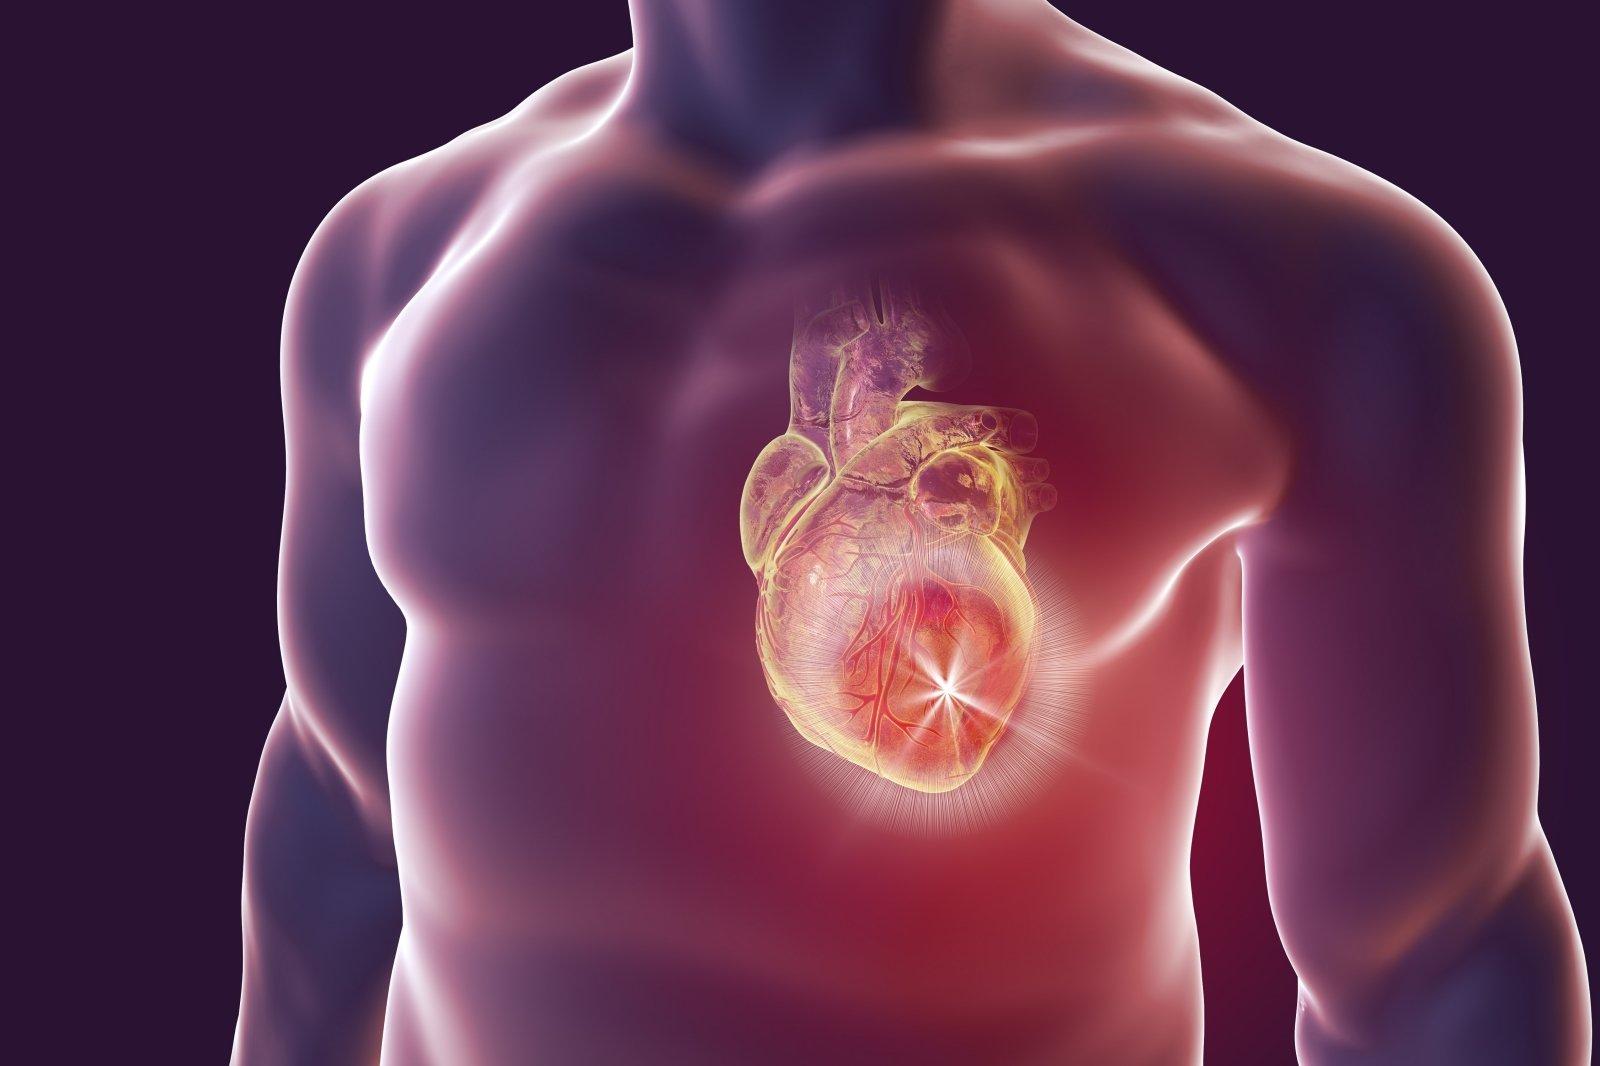 ką daryti su sunkia hipertenzija 3 laipsnio hipertenzija yra didelė rizika